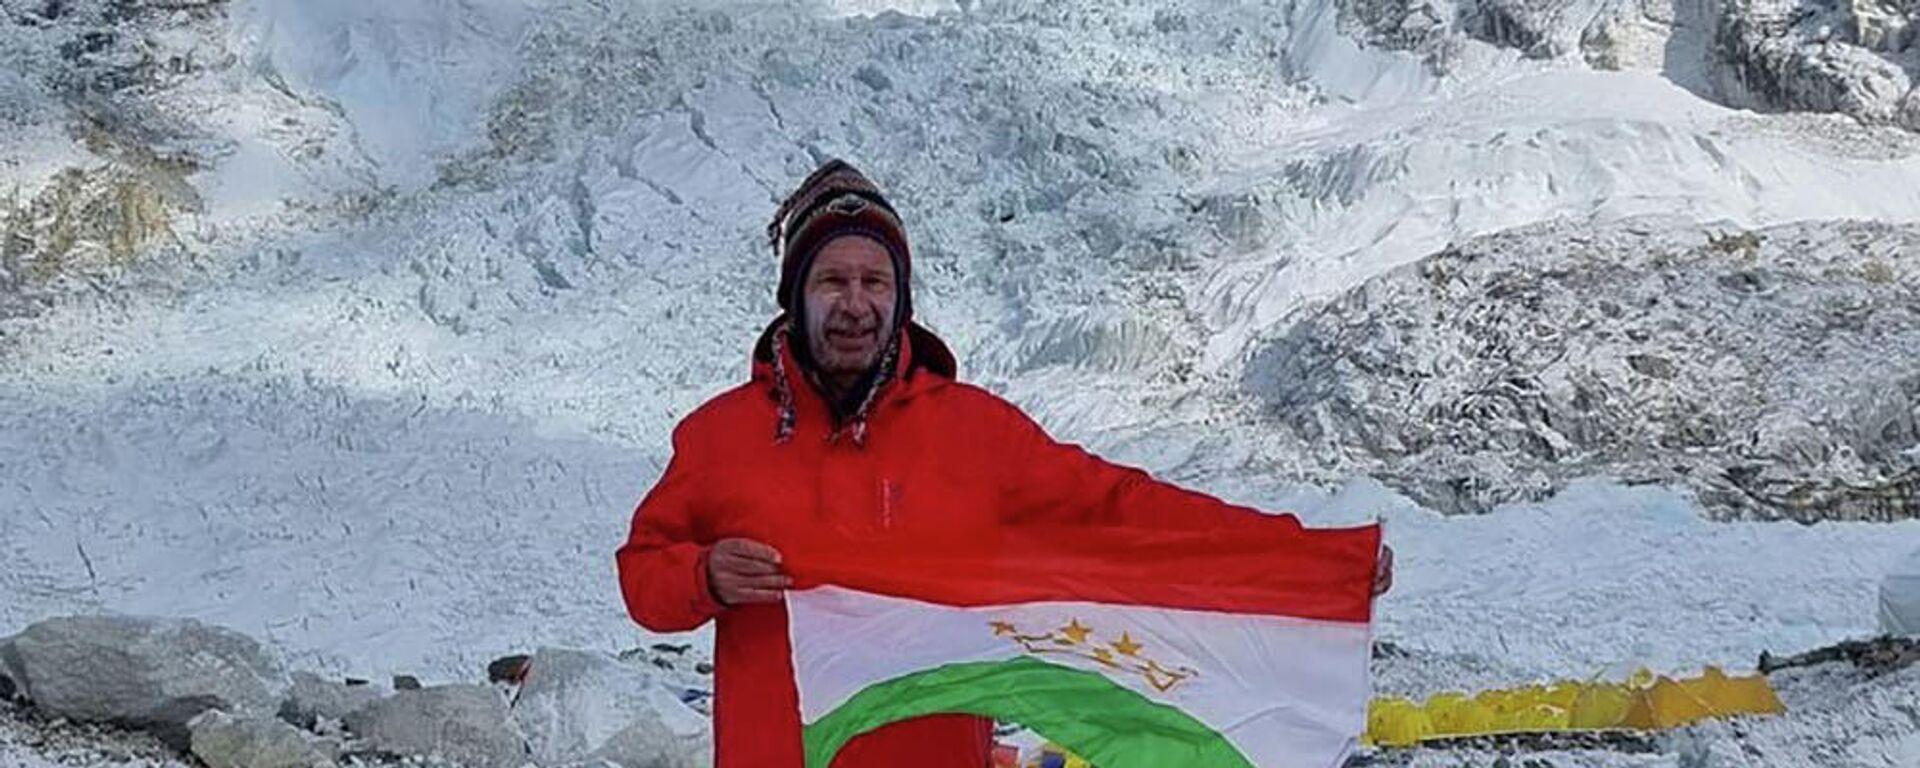 Альпинист Виталий Хинензон - Sputnik Таджикистан, 1920, 01.06.2021